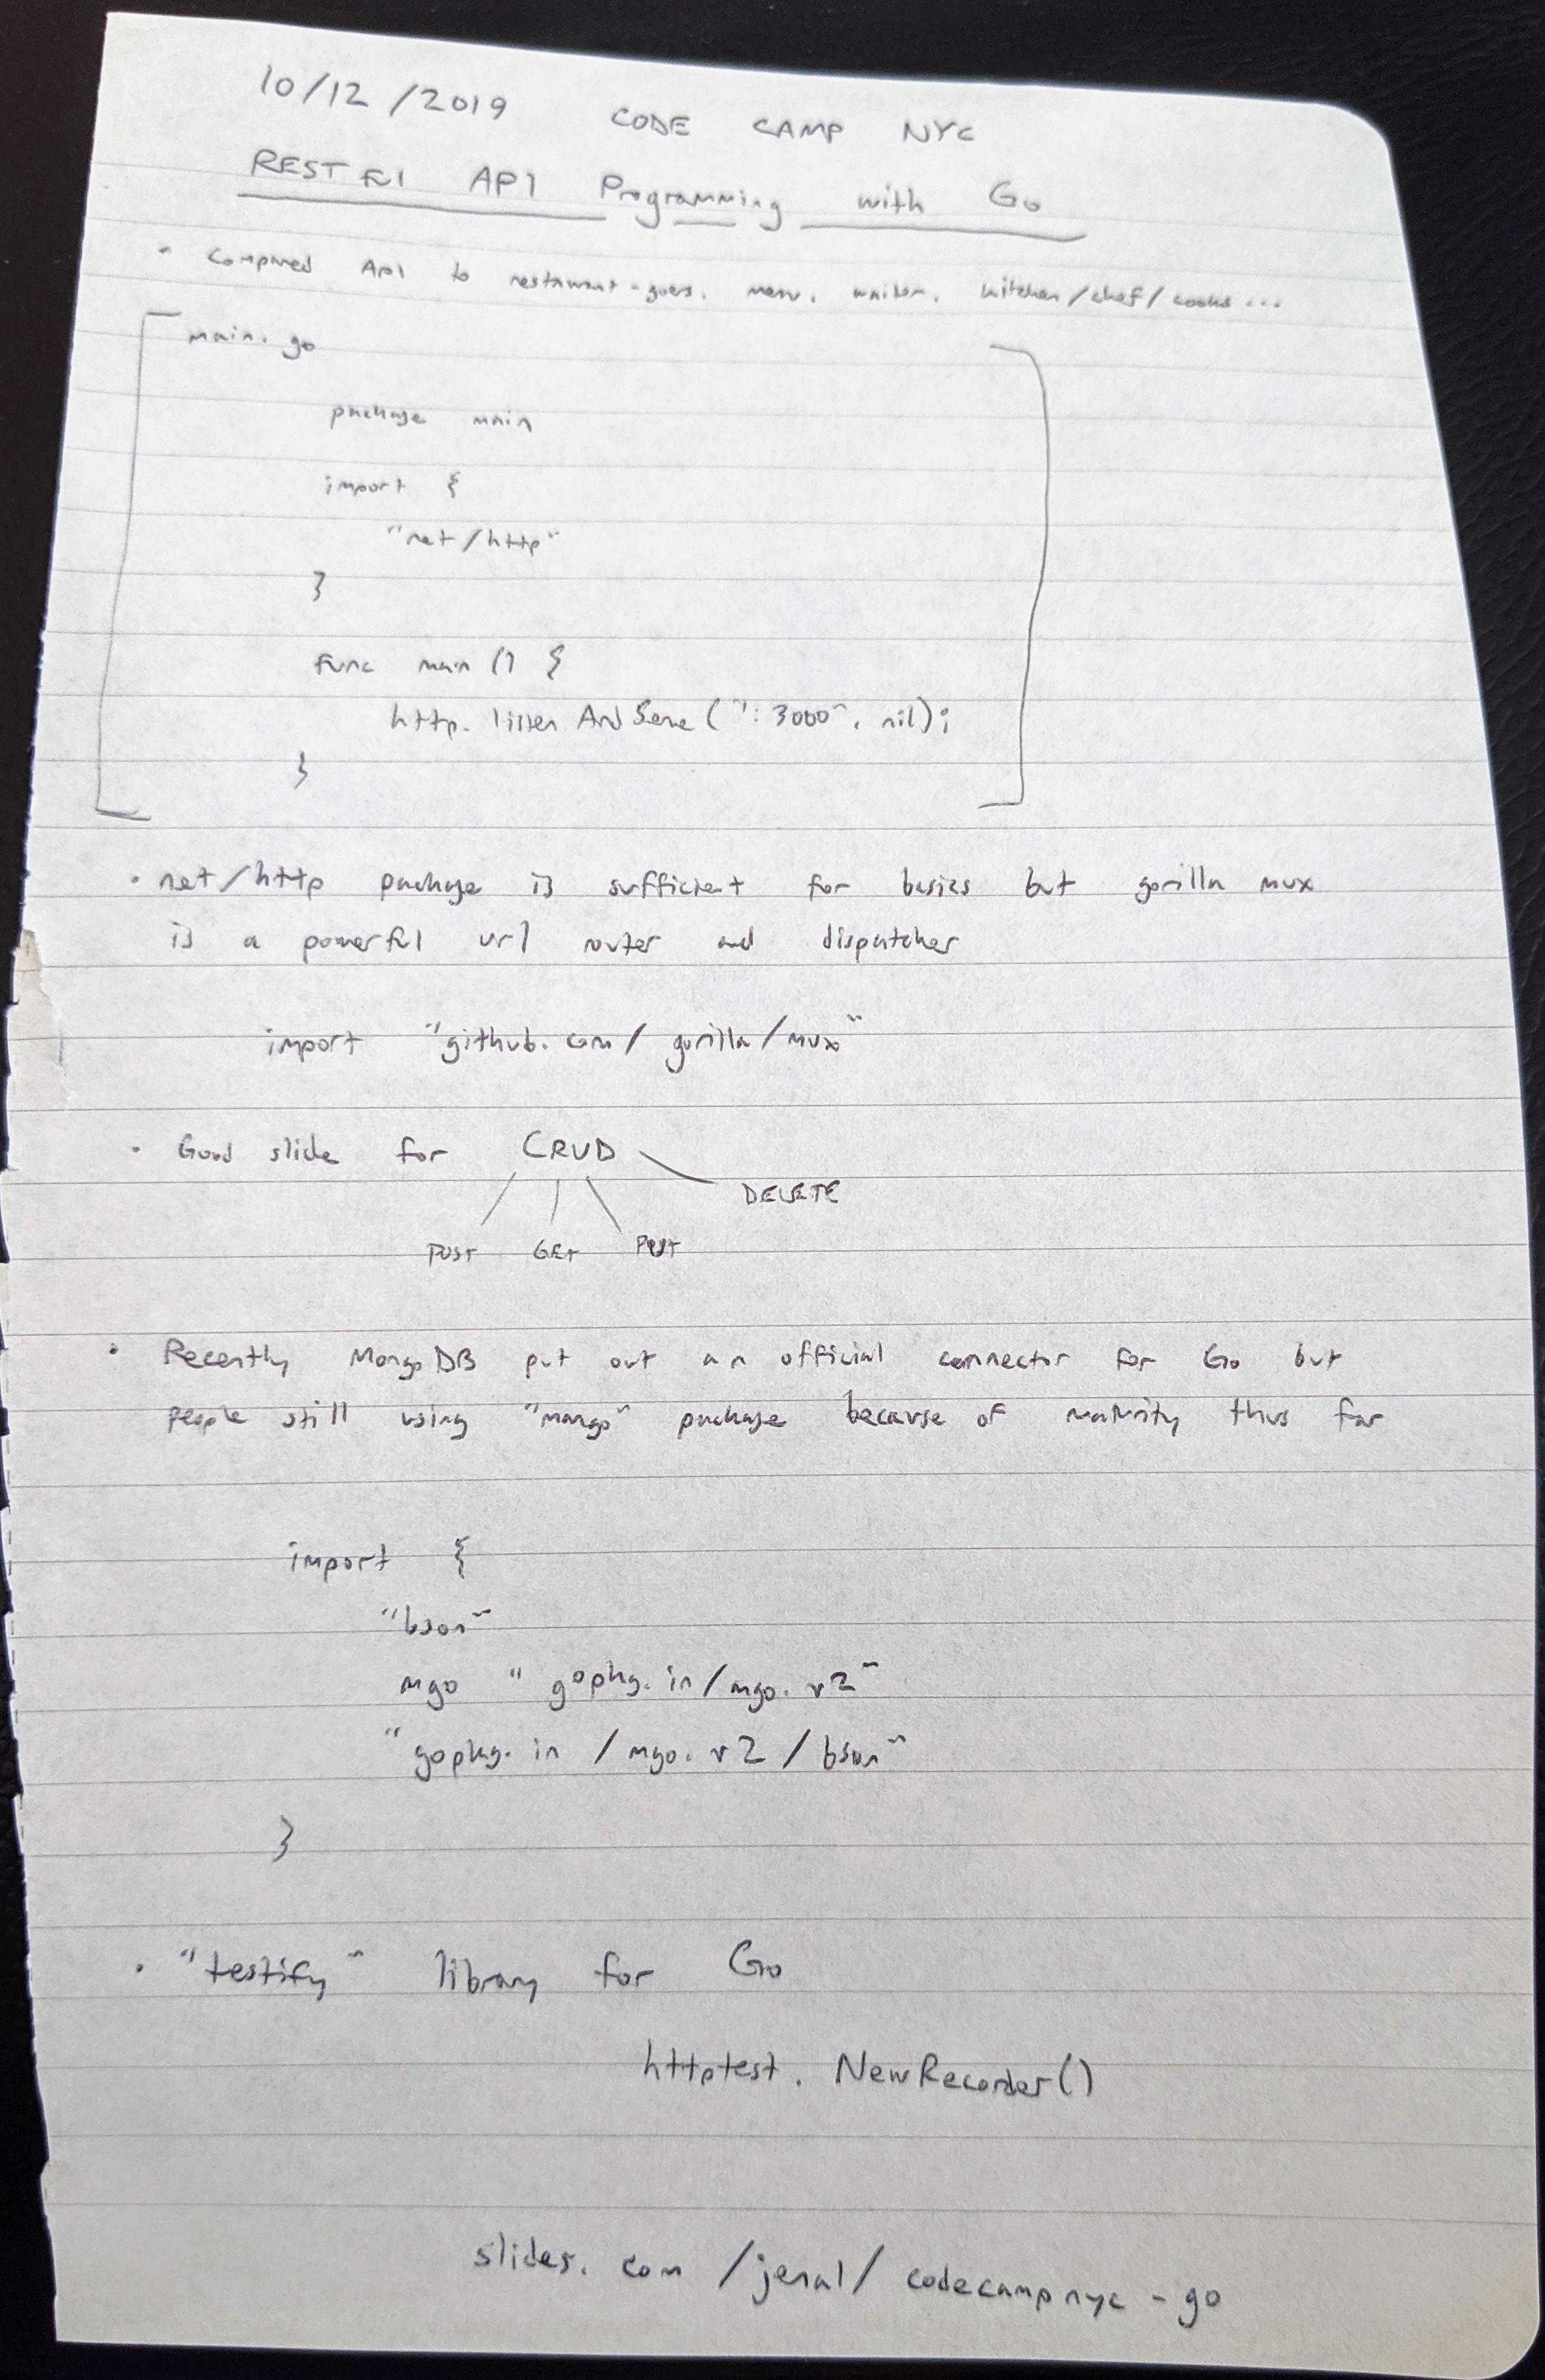 Go REST API notes